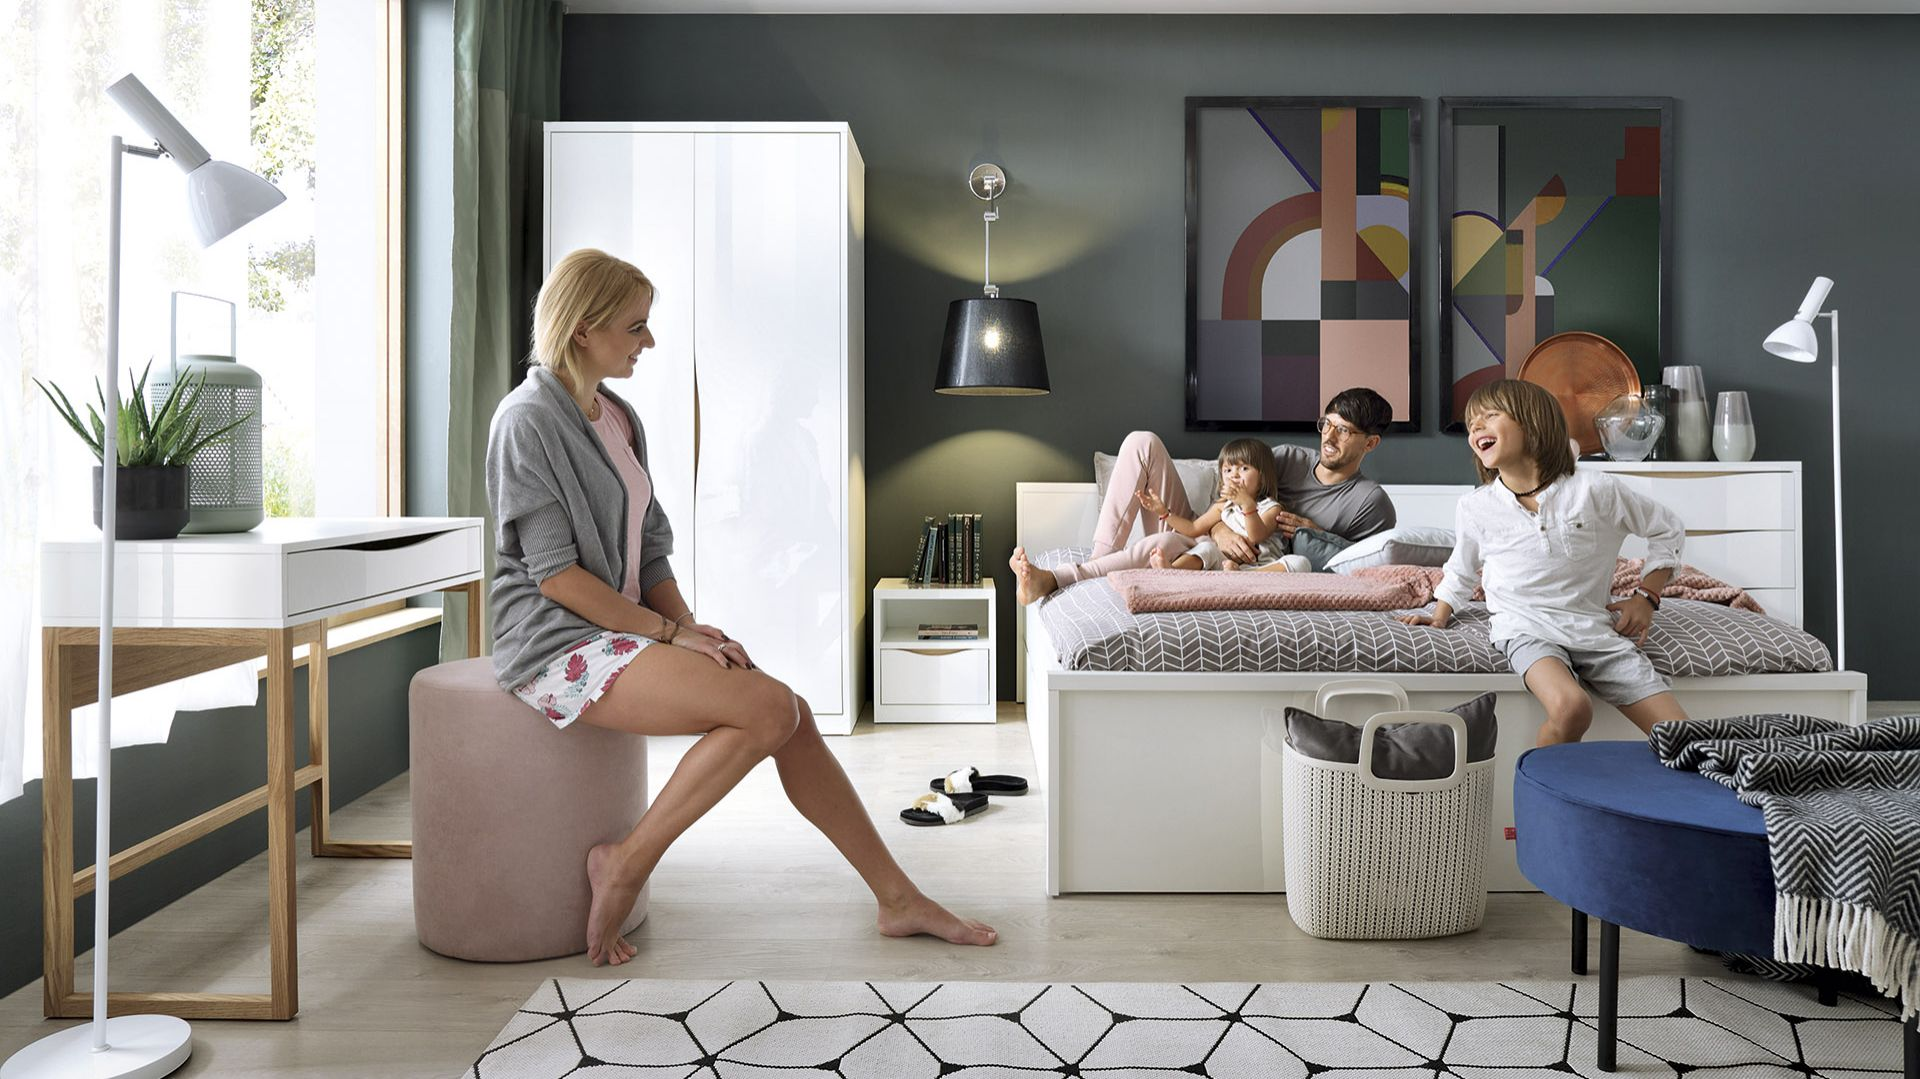 W kolekcji Pori dwuosobowe łóżko z zagłówkiem i szufladą na pościel, stoliki nocne na kółkach, szafa oraz komoda. Fot. Black Red White